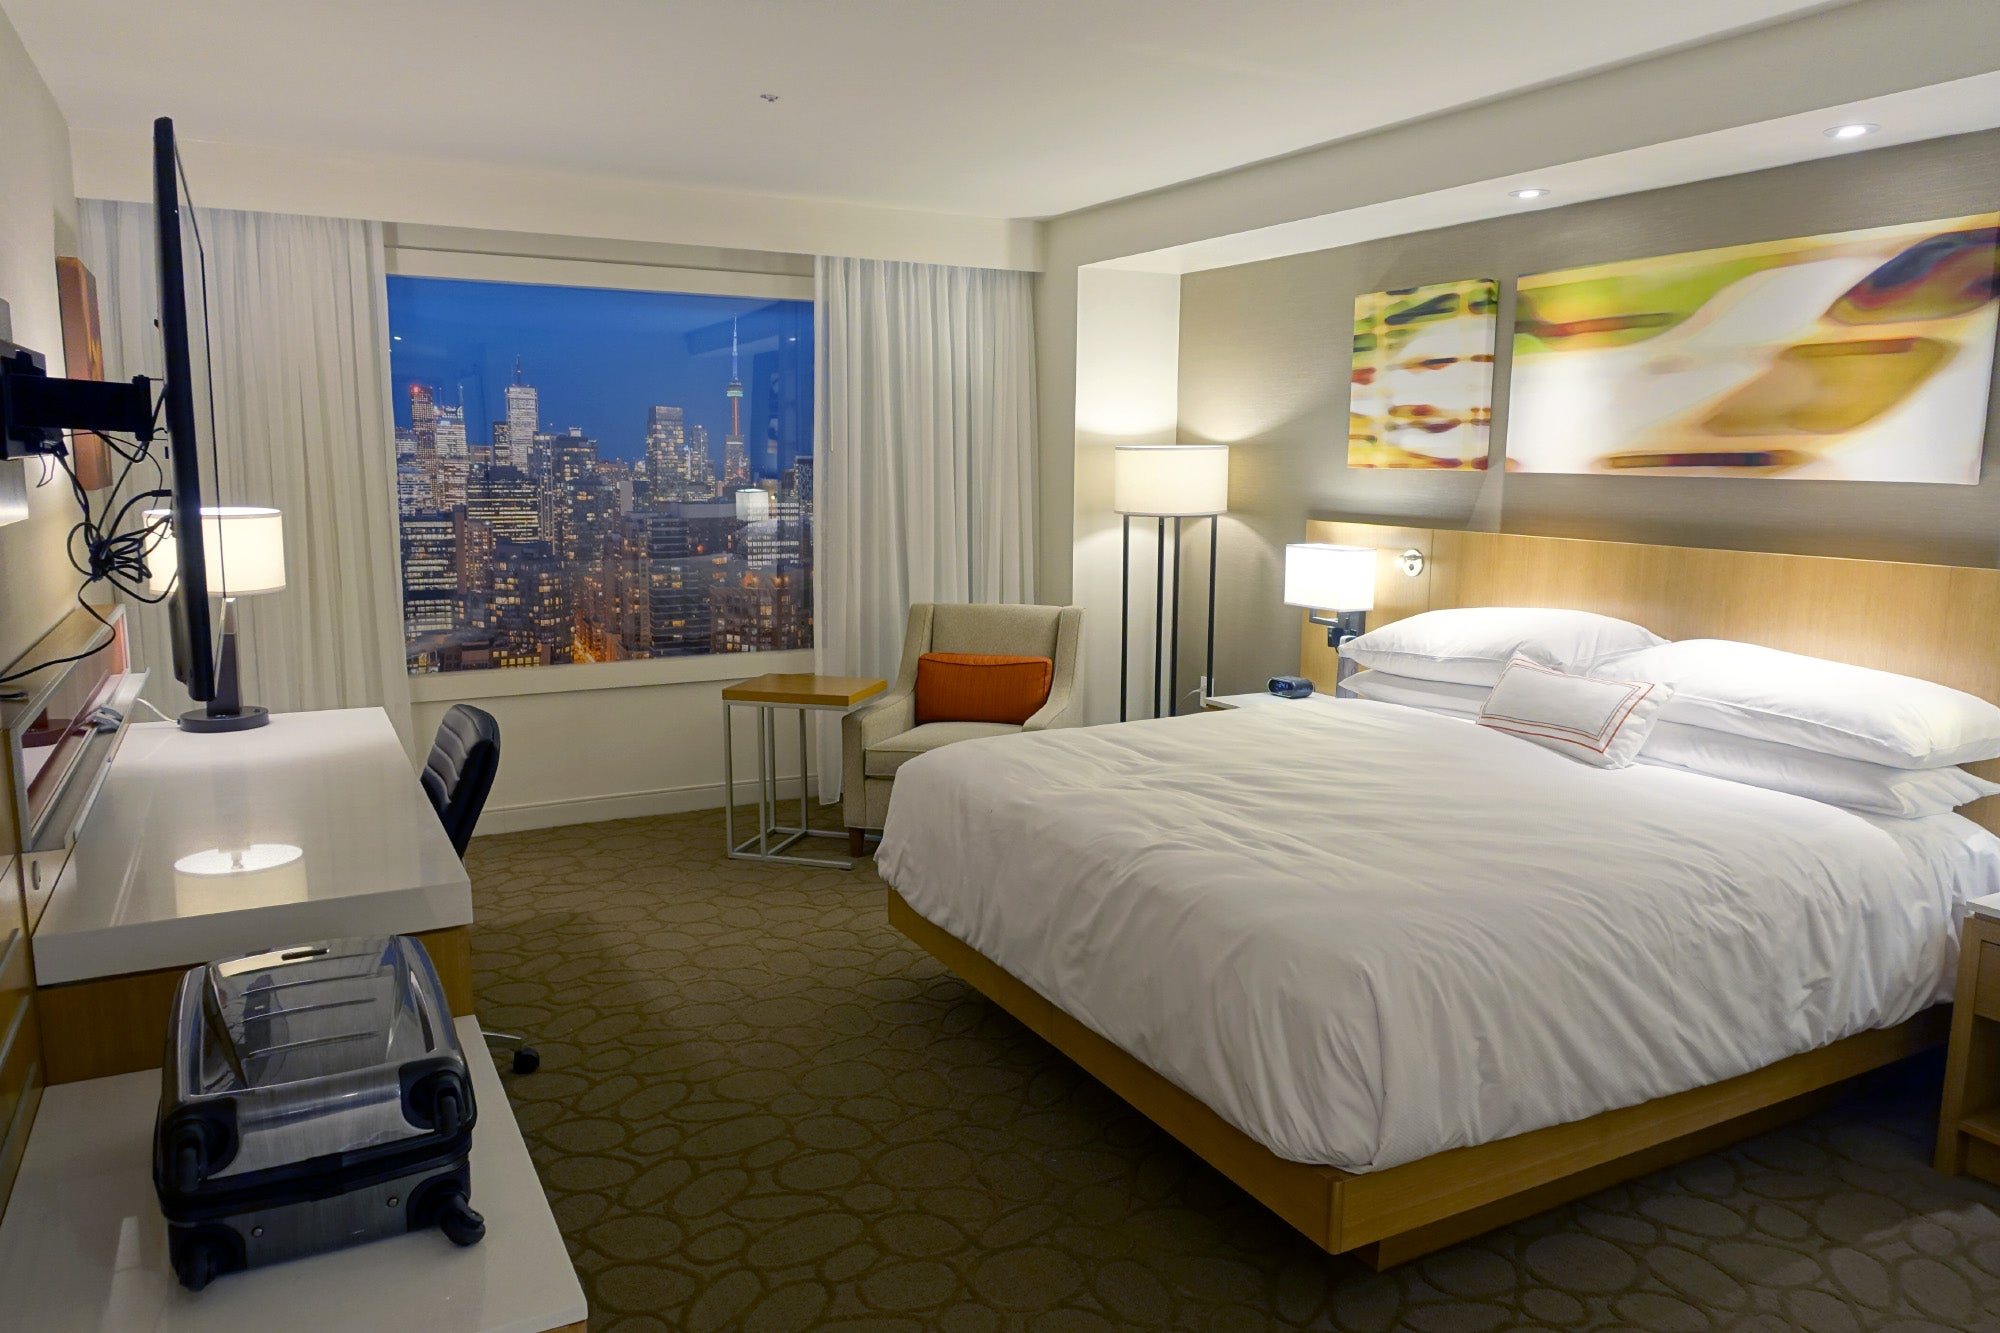 Inside marriott 39 s secret hotel room design bunker for Swanky hotel